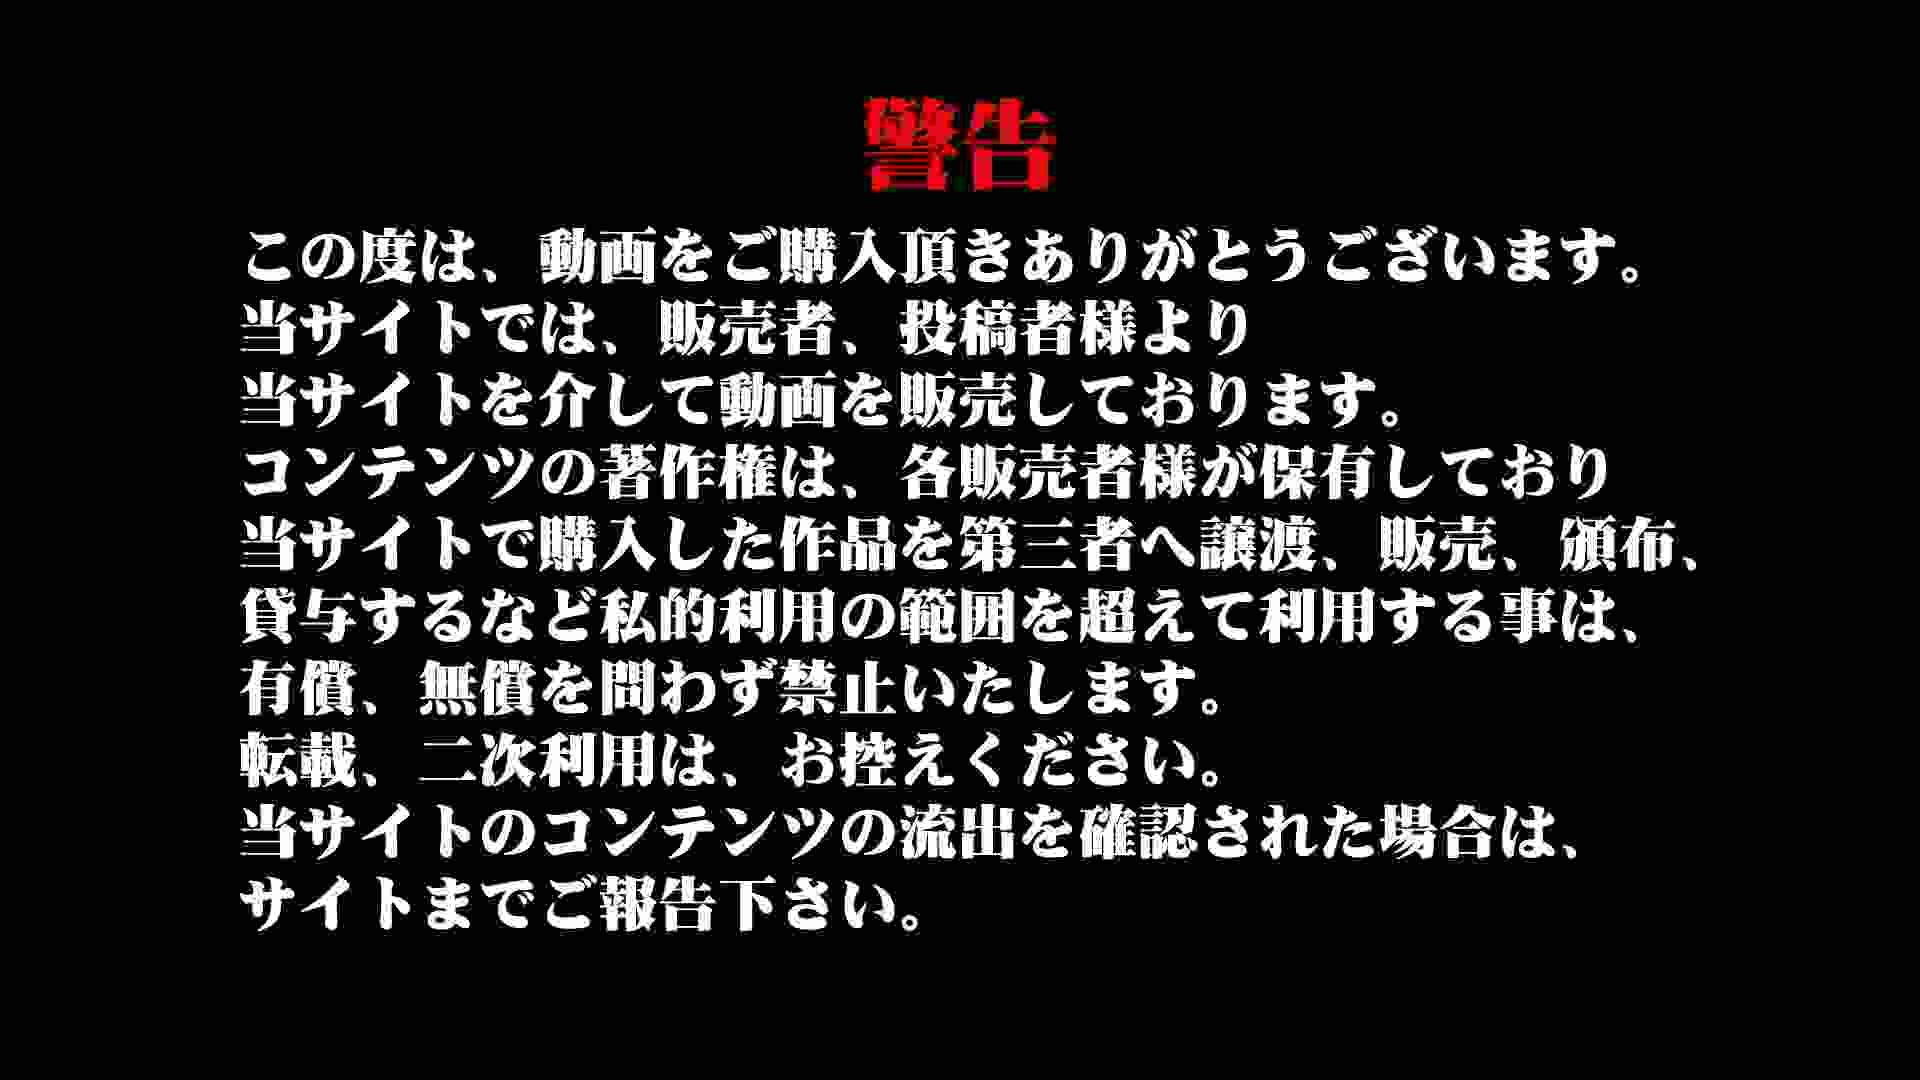 Aquaな露天風呂Vol.963 盗撮シリーズ  108PIX 4